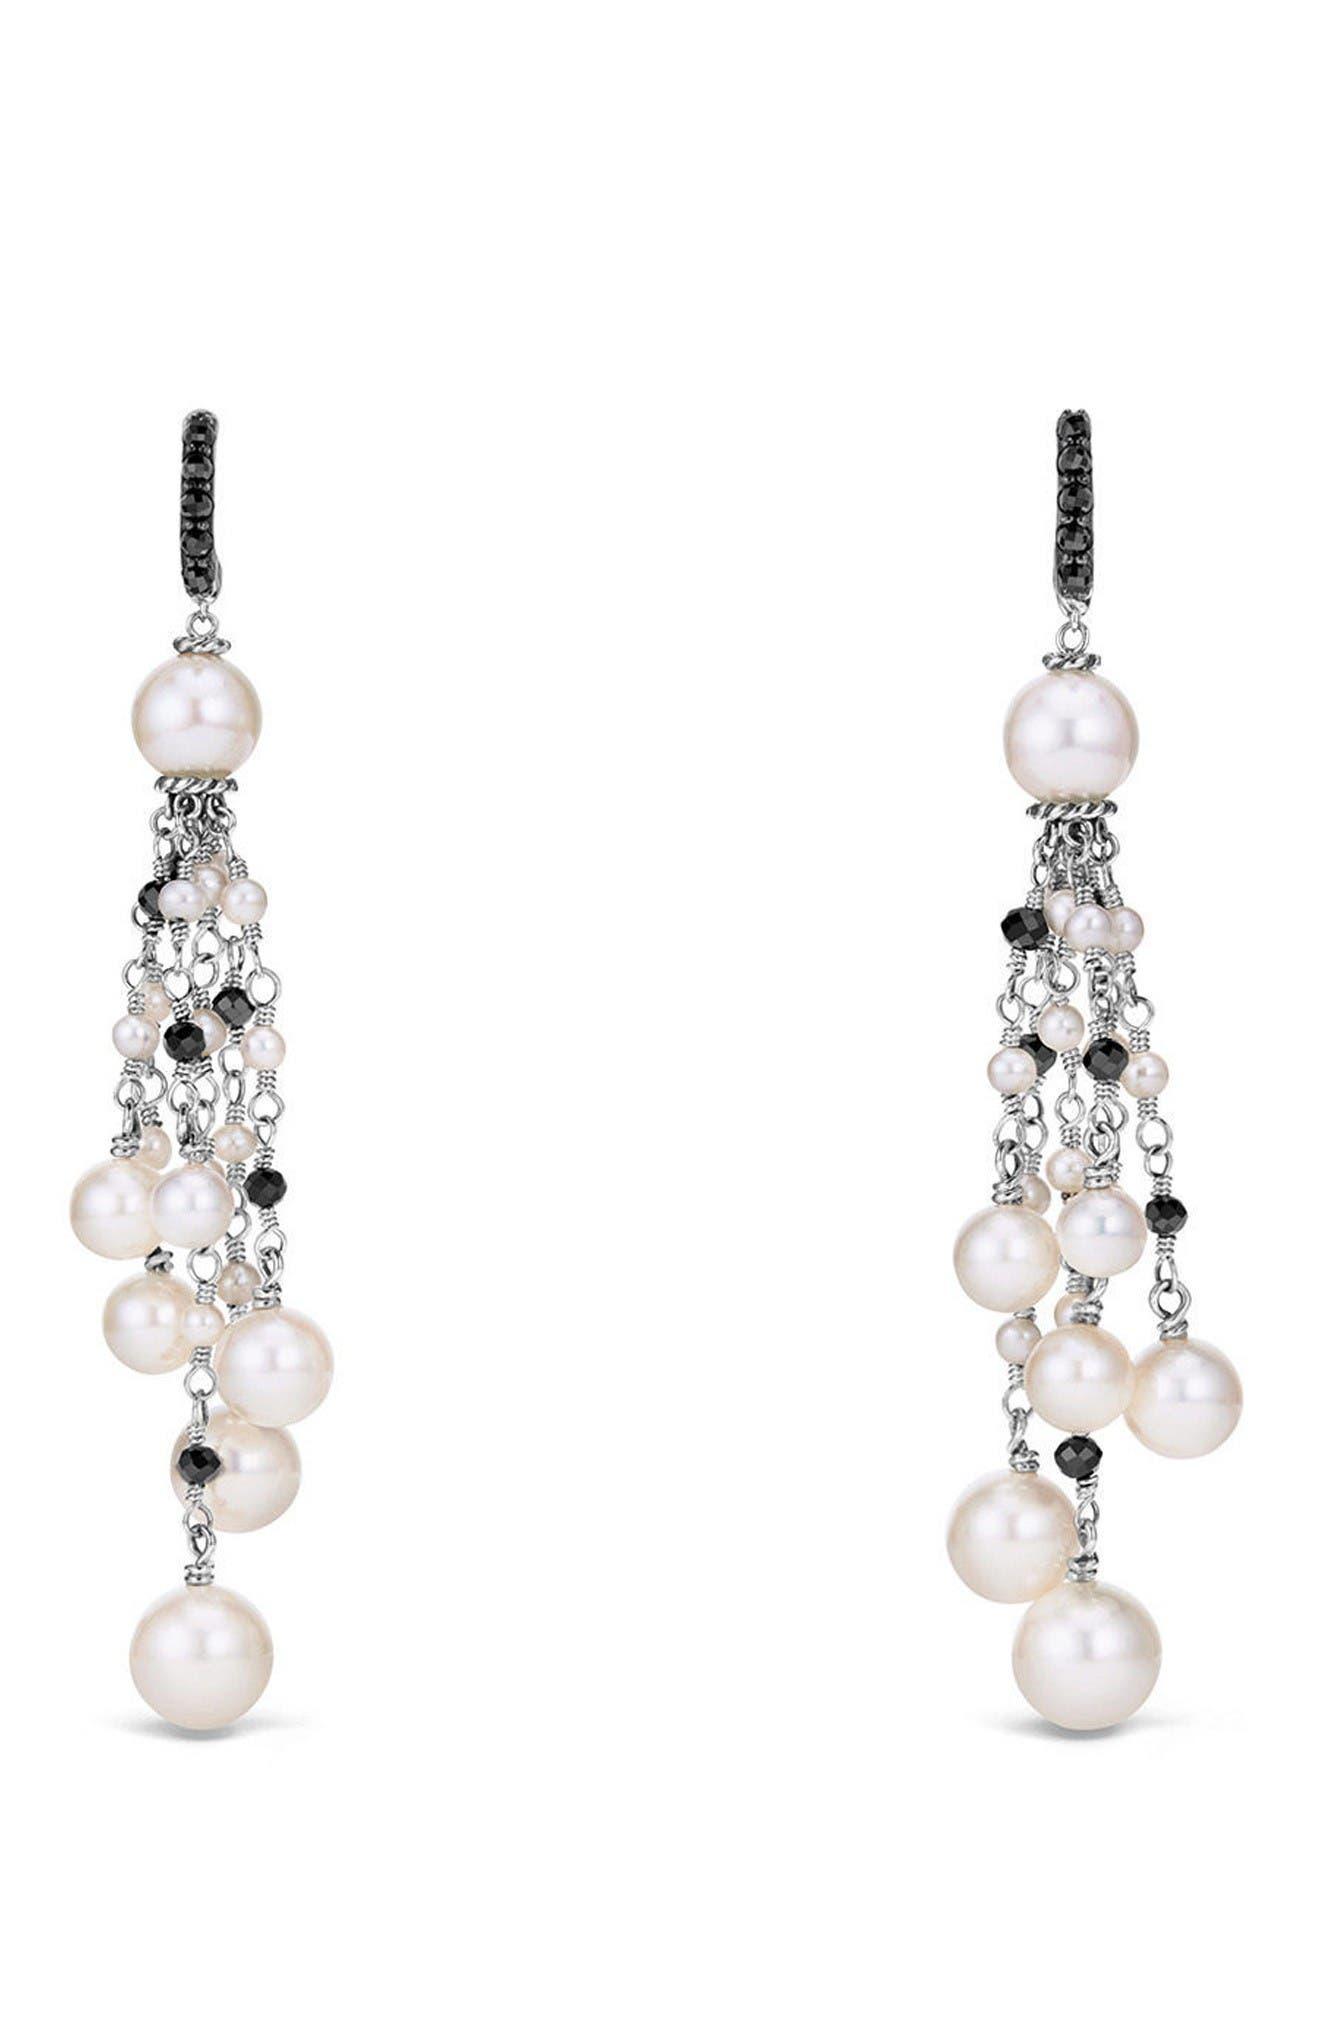 Main Image - David Yurman Solari Pearl Fringe Earrings